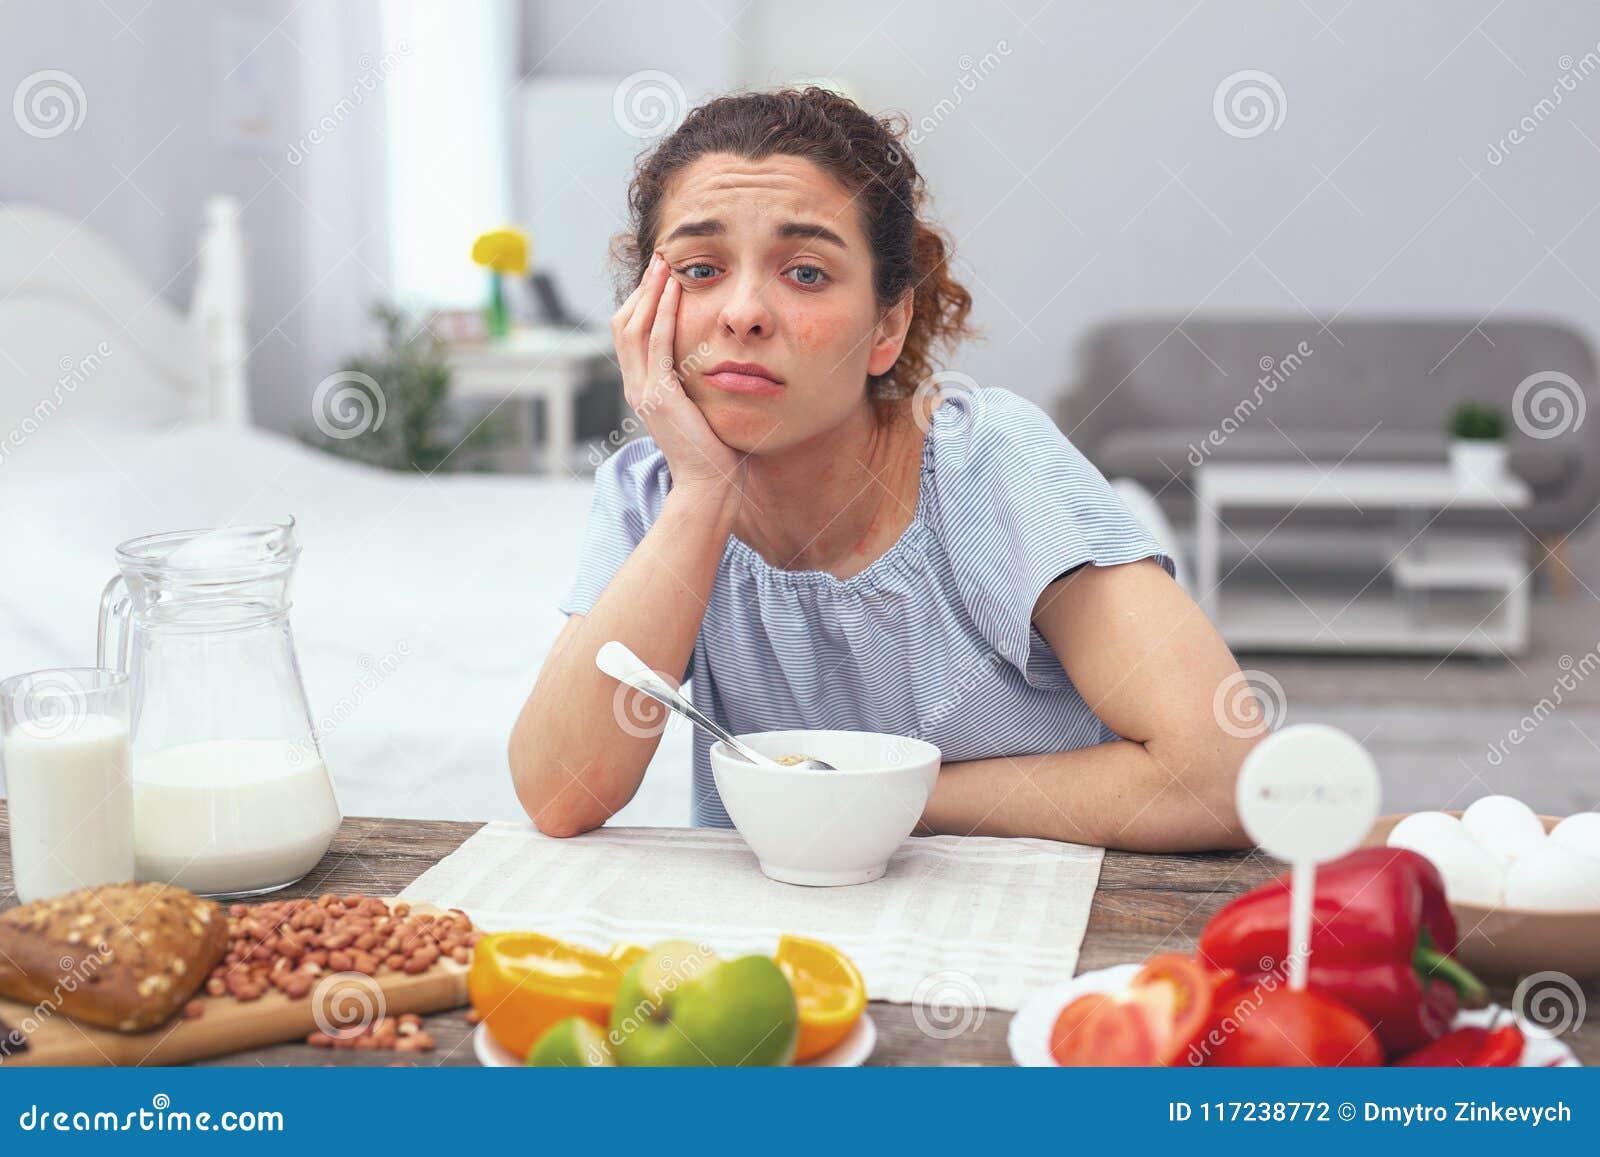 Señora adolescente que sufre de apetito bajo